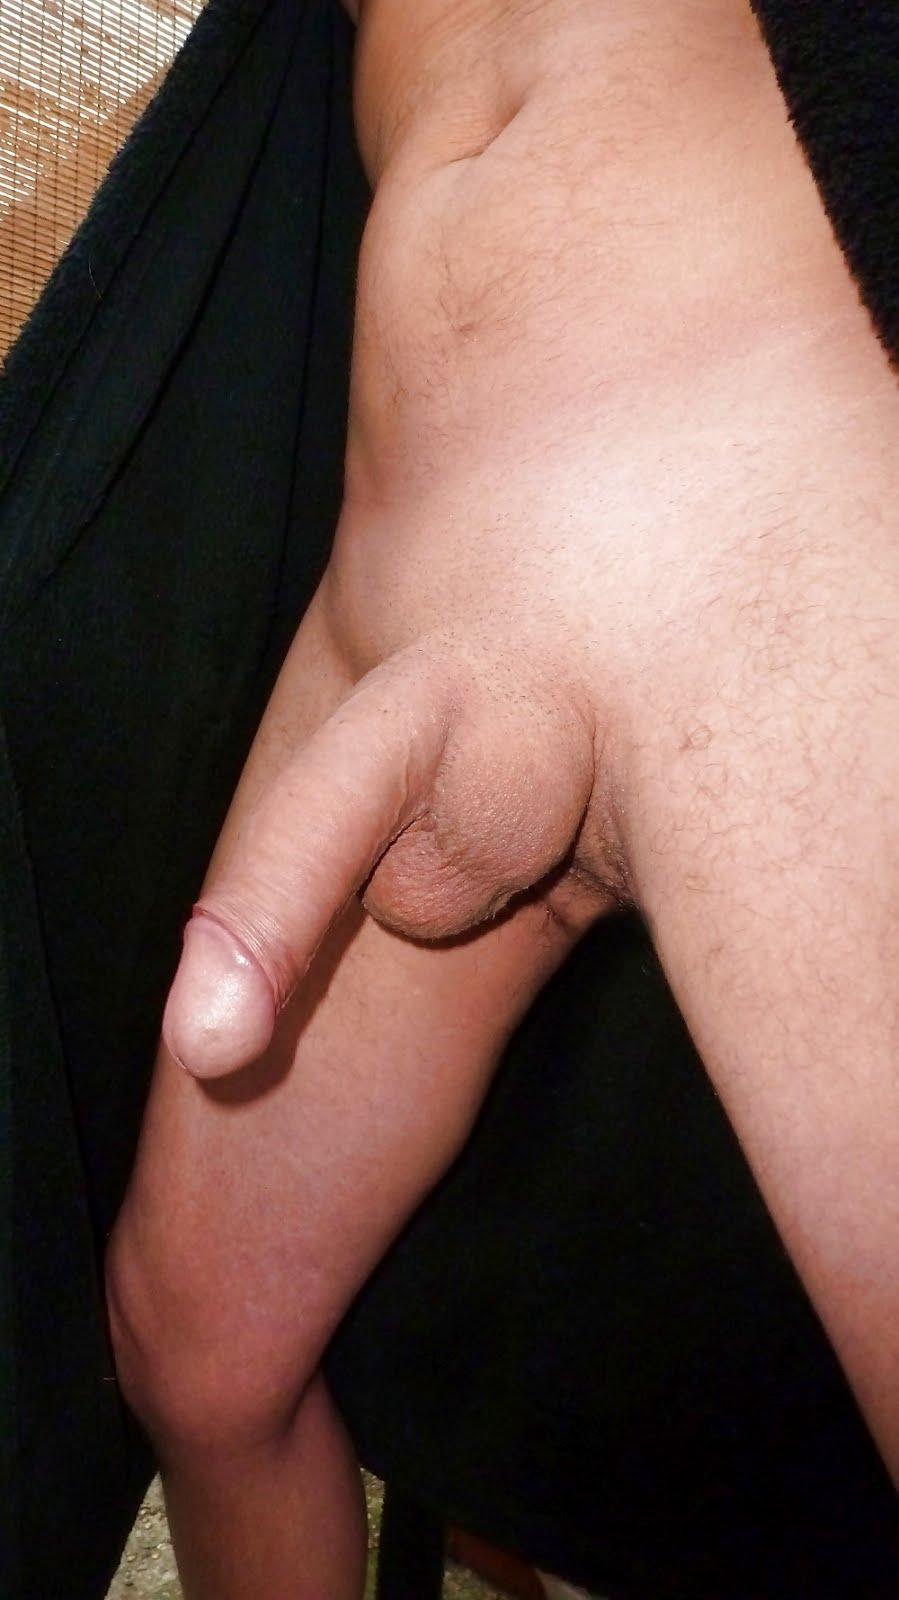 pagina sexo